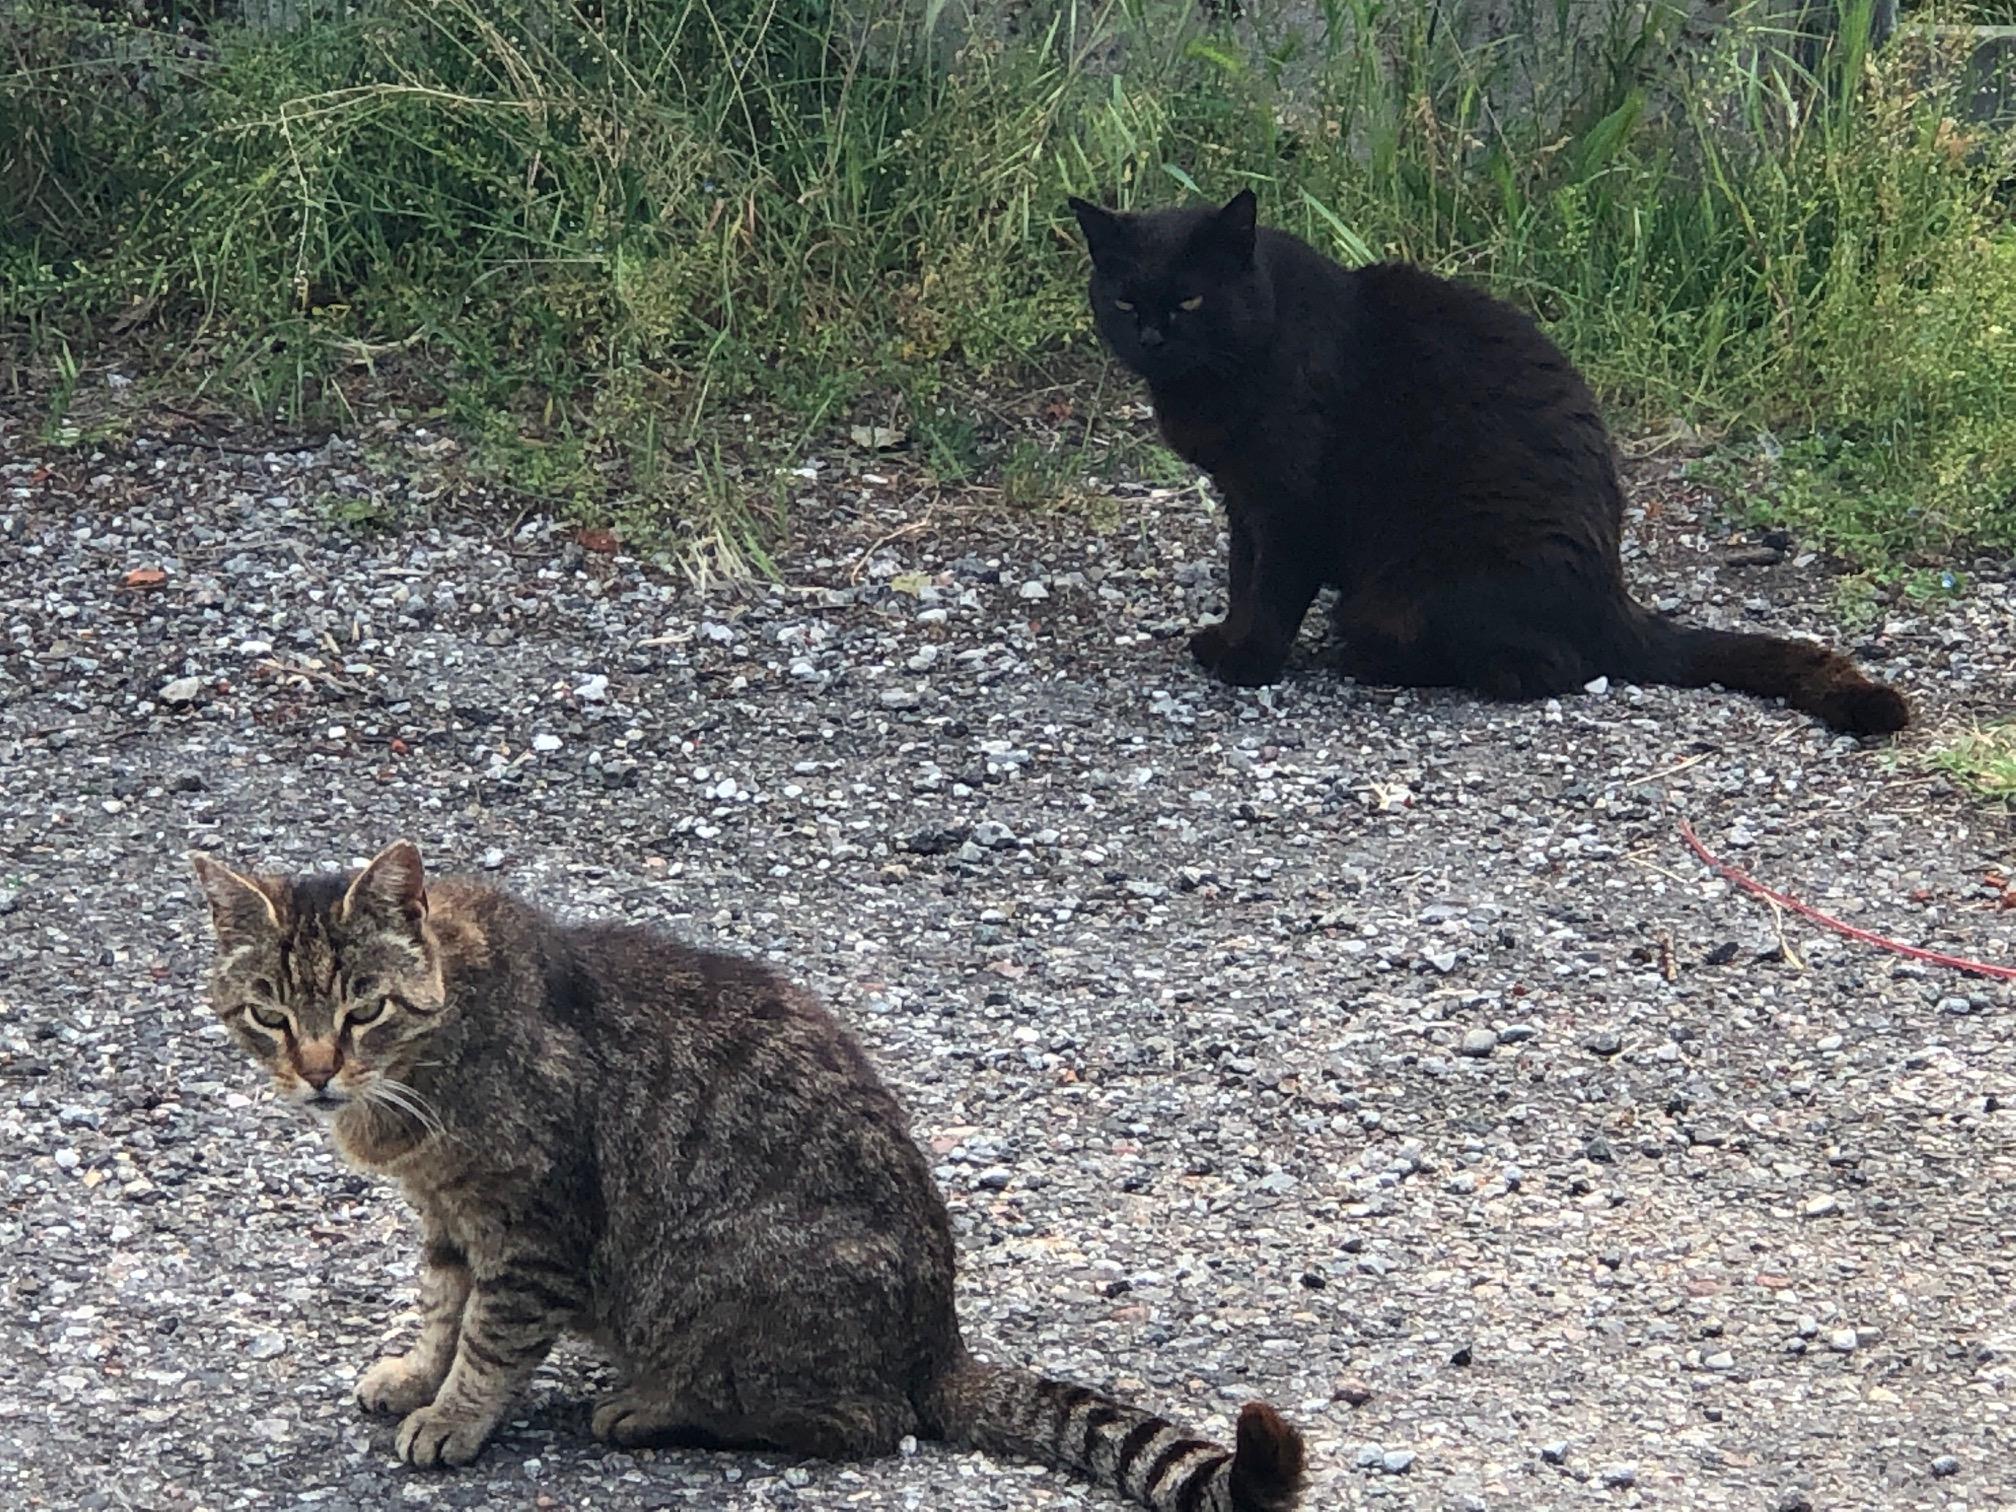 Teramo Movimento Animalista Denuncia Degrado Colonia Felina Nelcuore Org